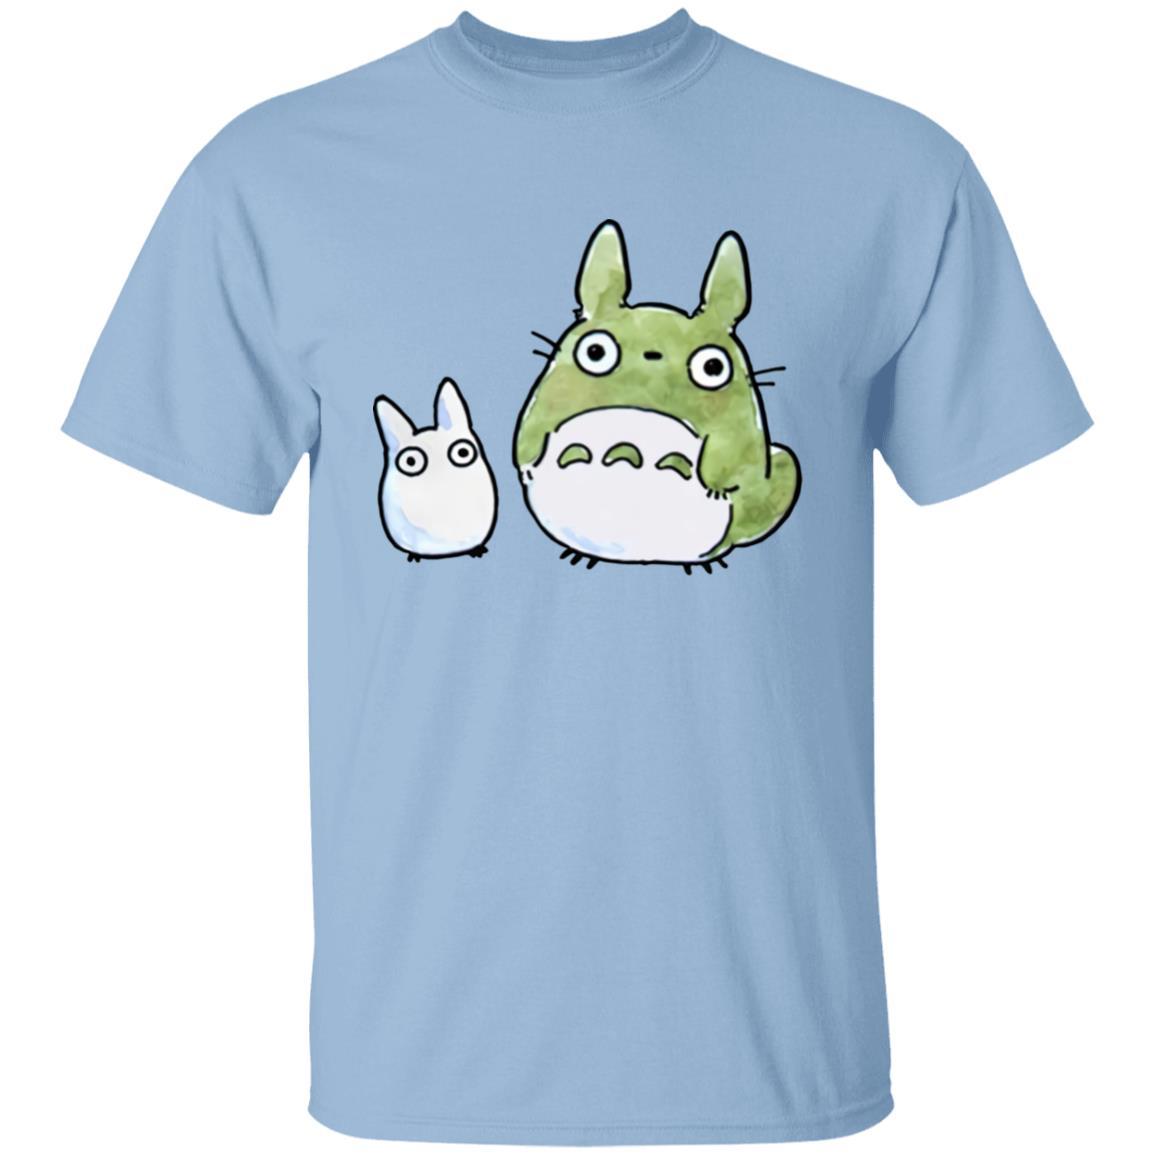 Totoro Family Cute Drawing T Shirt